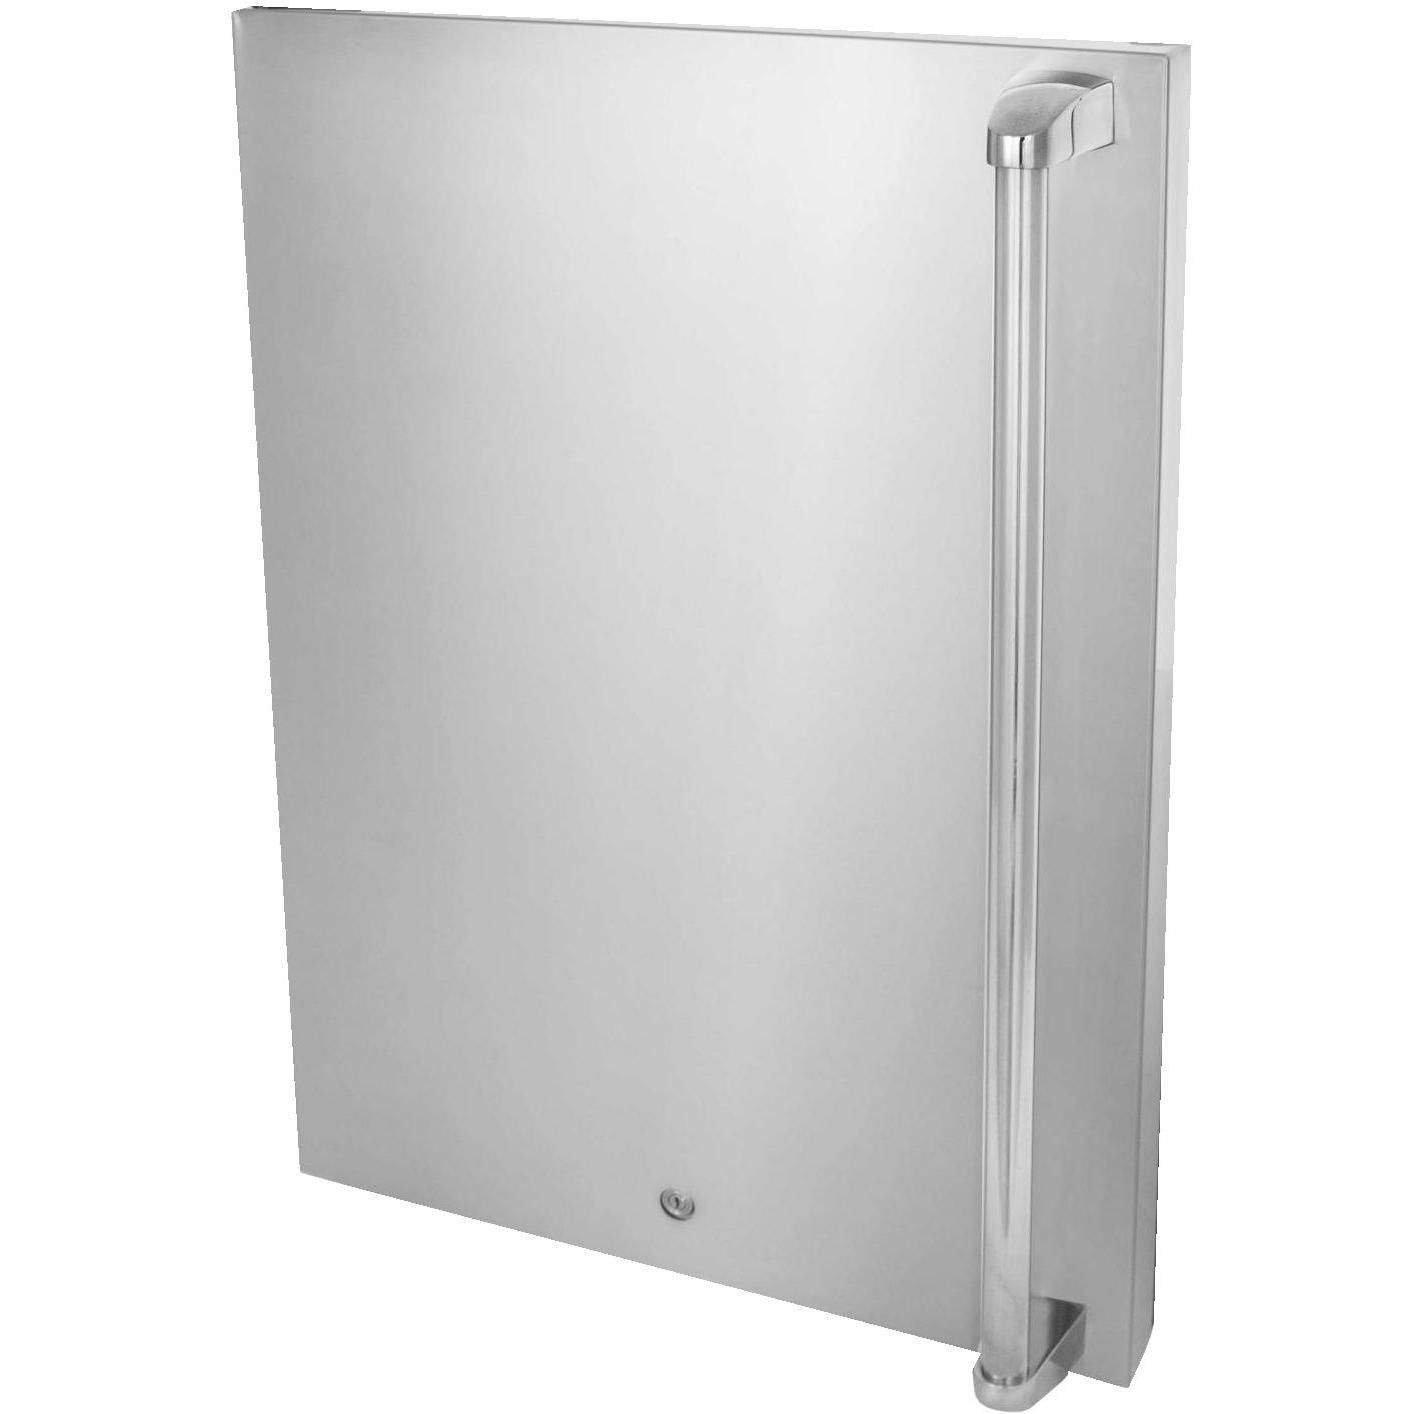 Blaze Left Hinged Stainless Steel Door Upgrade (BLZ-SSFP-4-5LH)